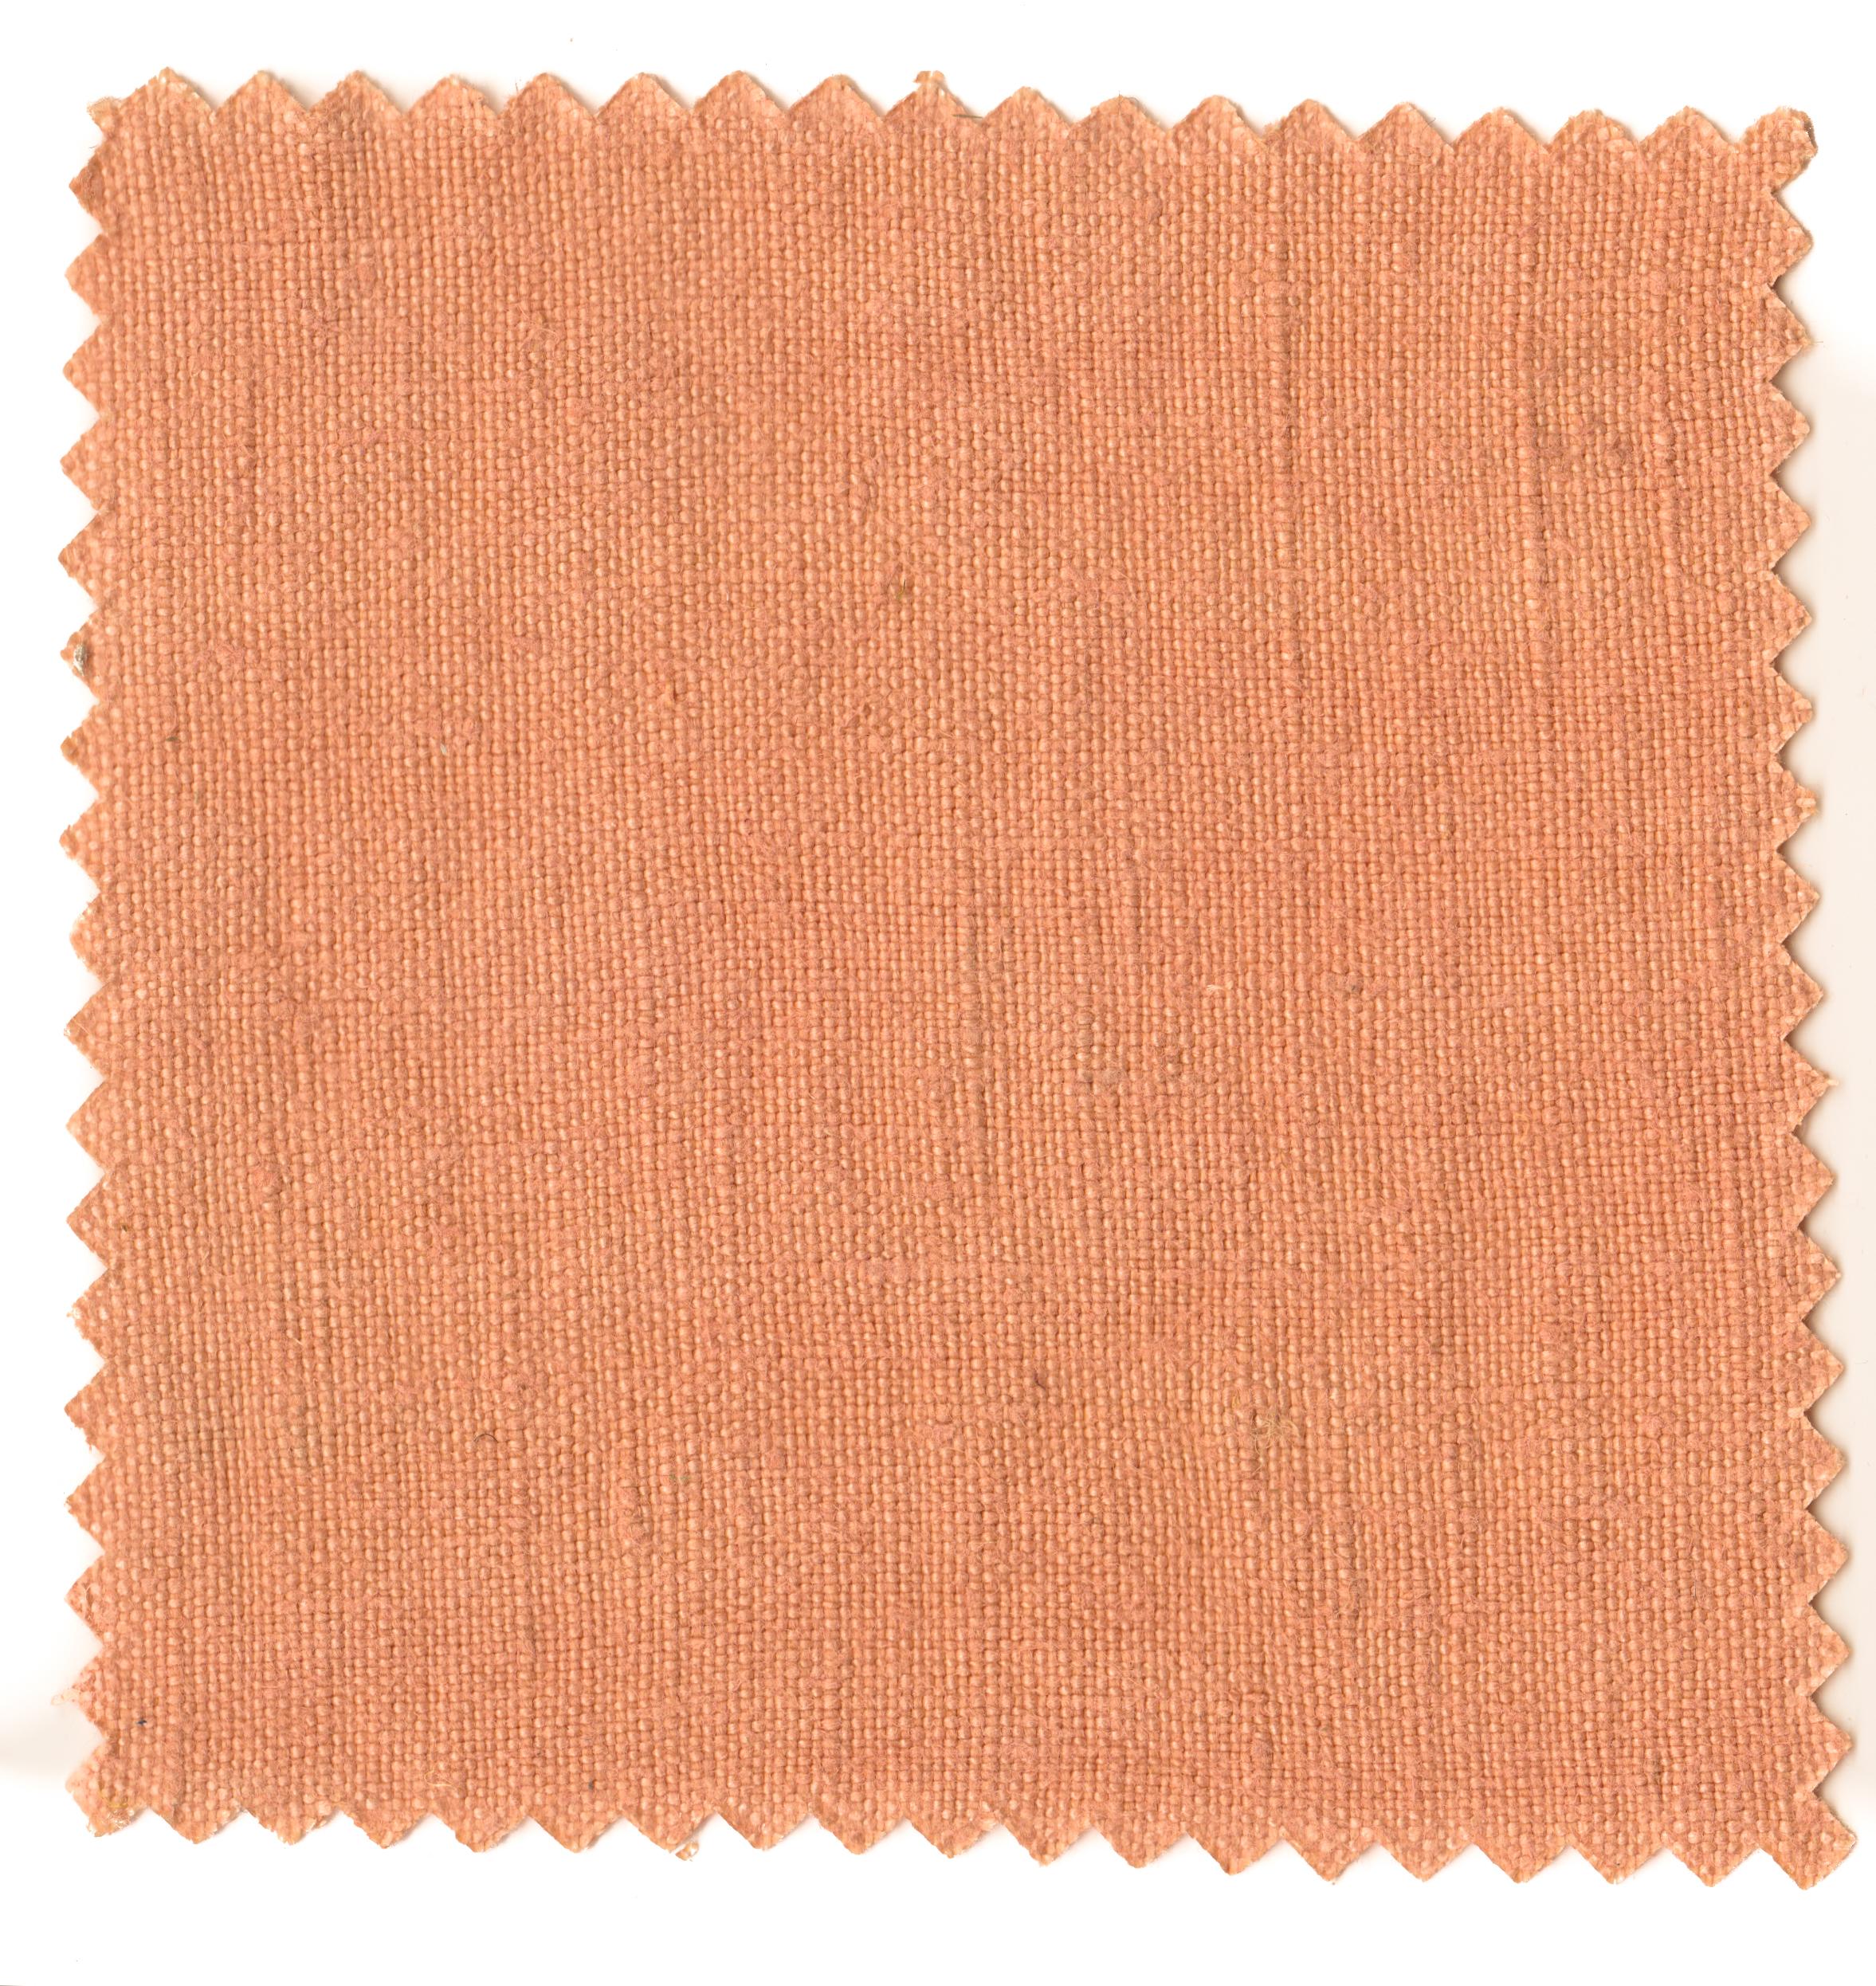 Coral Pinks-3.jpg